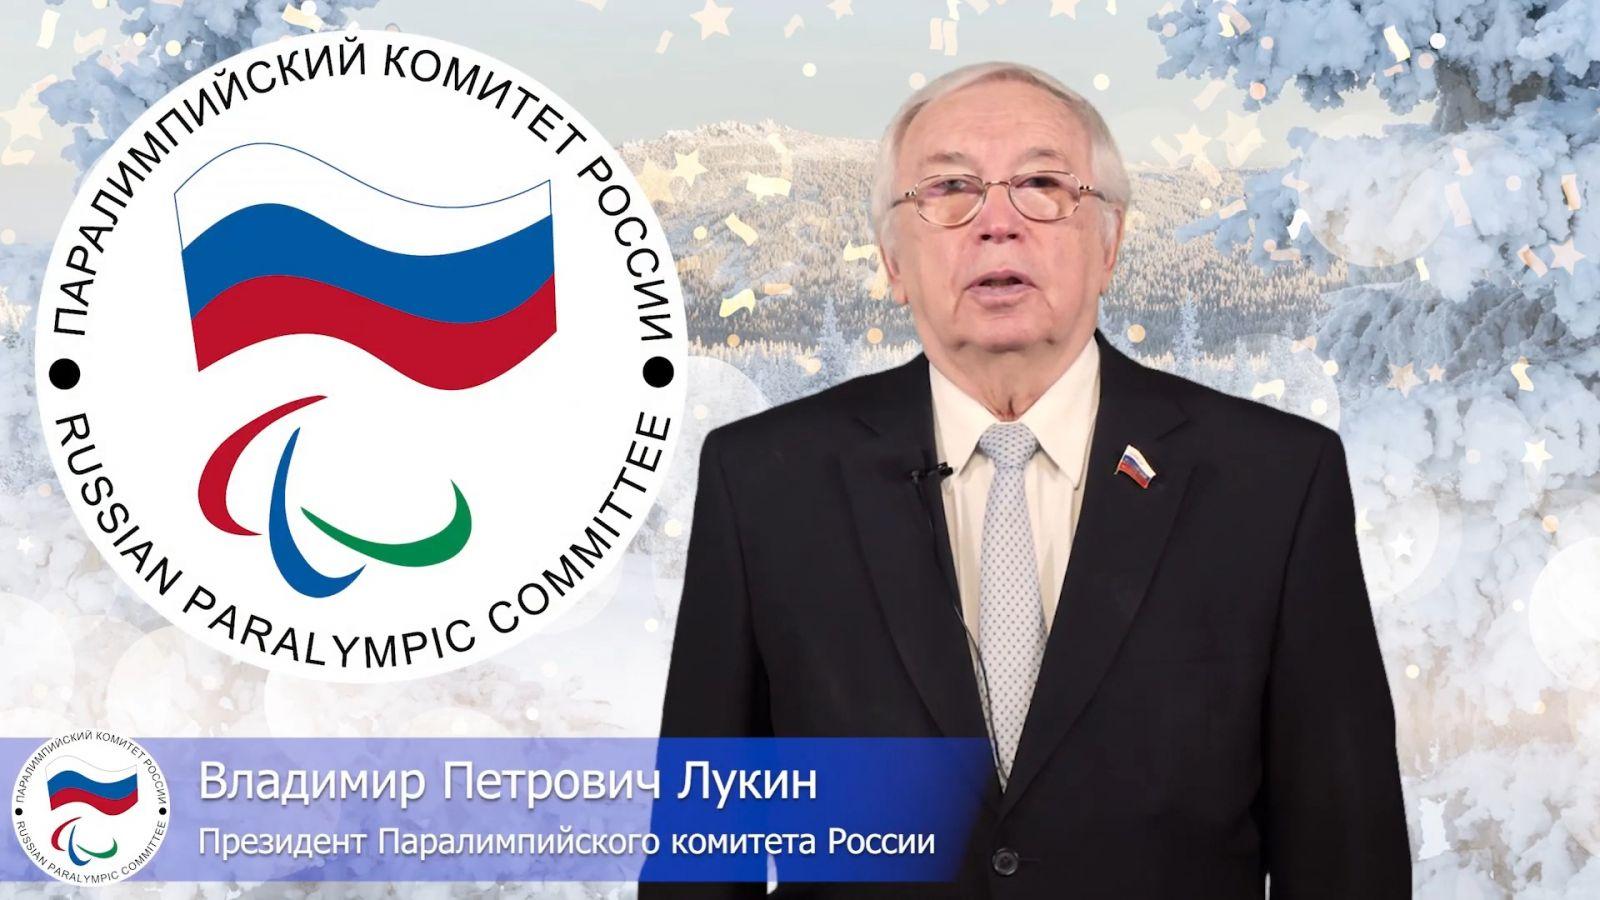 Поздравление президента ПКР В.П. Лукина с Новым 2021 годом